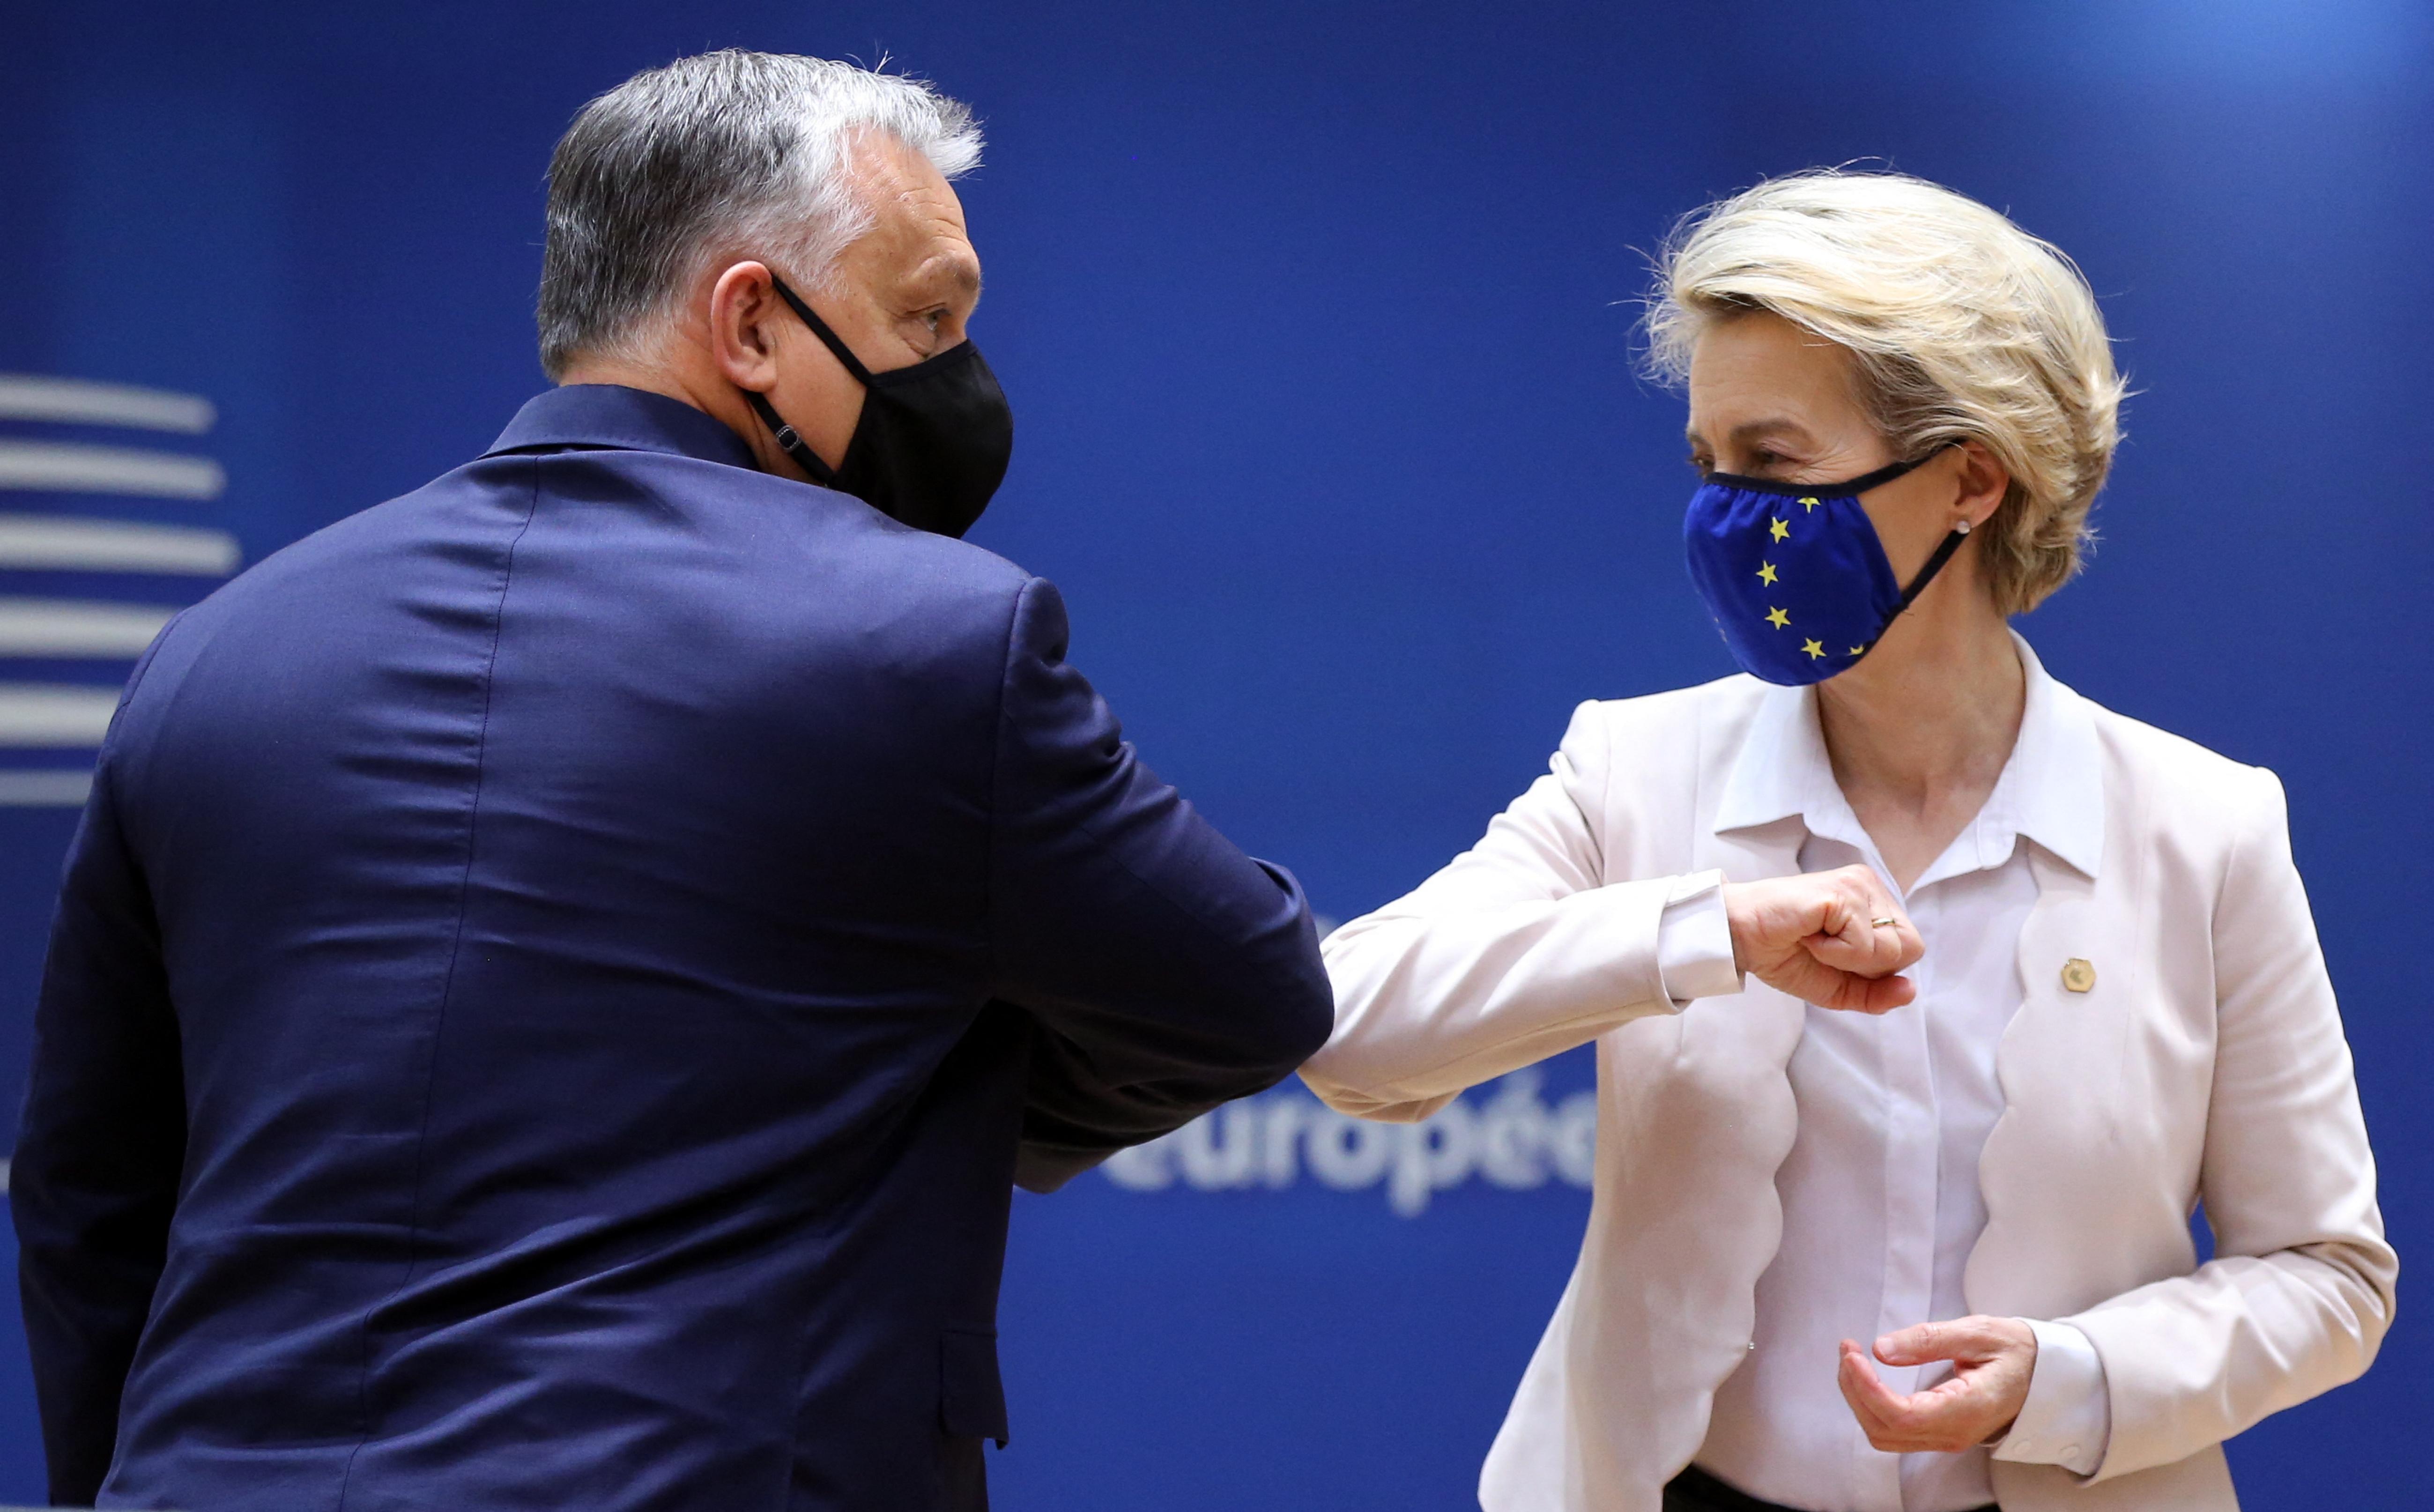 Orbán szégyenteljesnek tartja, hogy az Európai Bizottság elnöke szégyennek tartja a melegeket érintő törvénymódosításokat